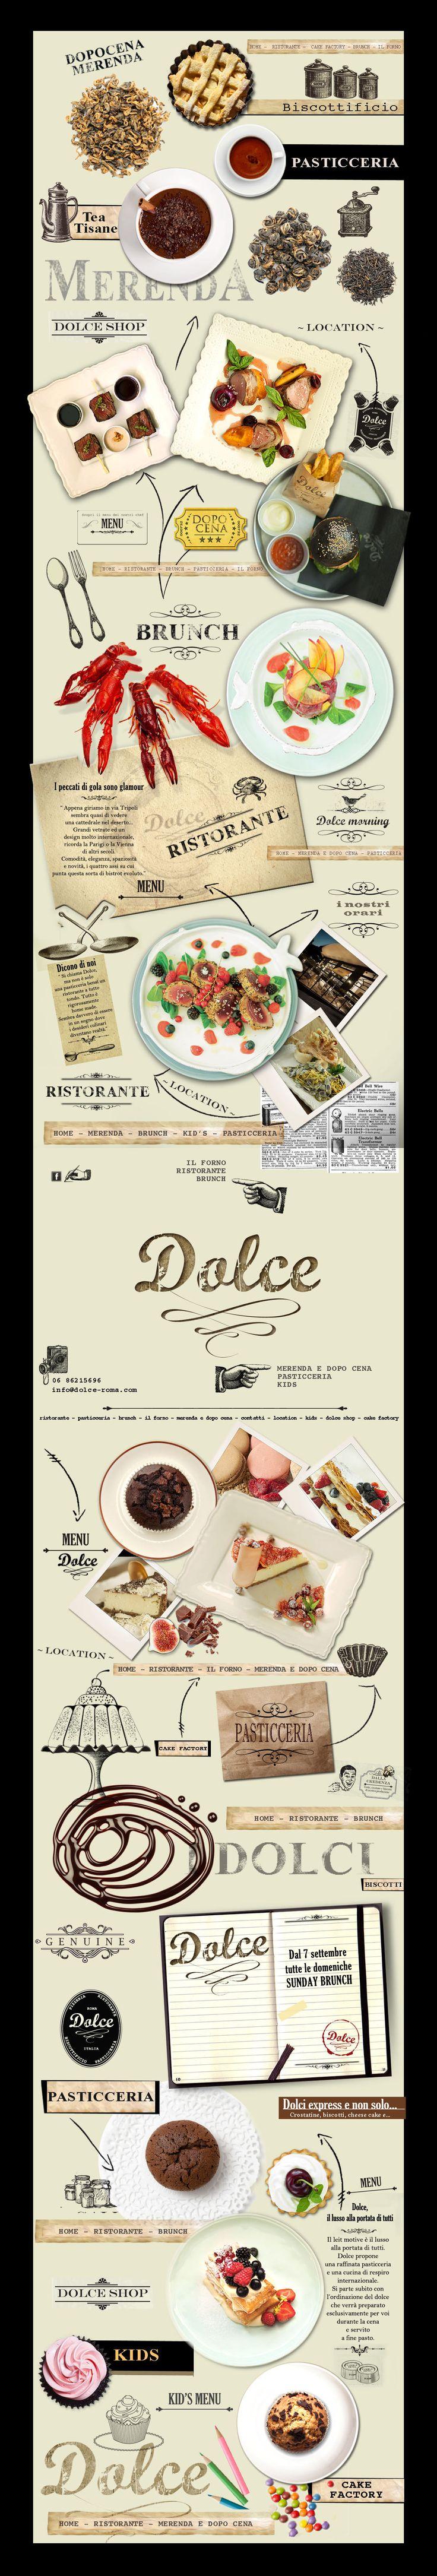 """Sito internet Ristorante """"Dolce"""" - Roma #Restaurant #Roma #Italian #Food"""